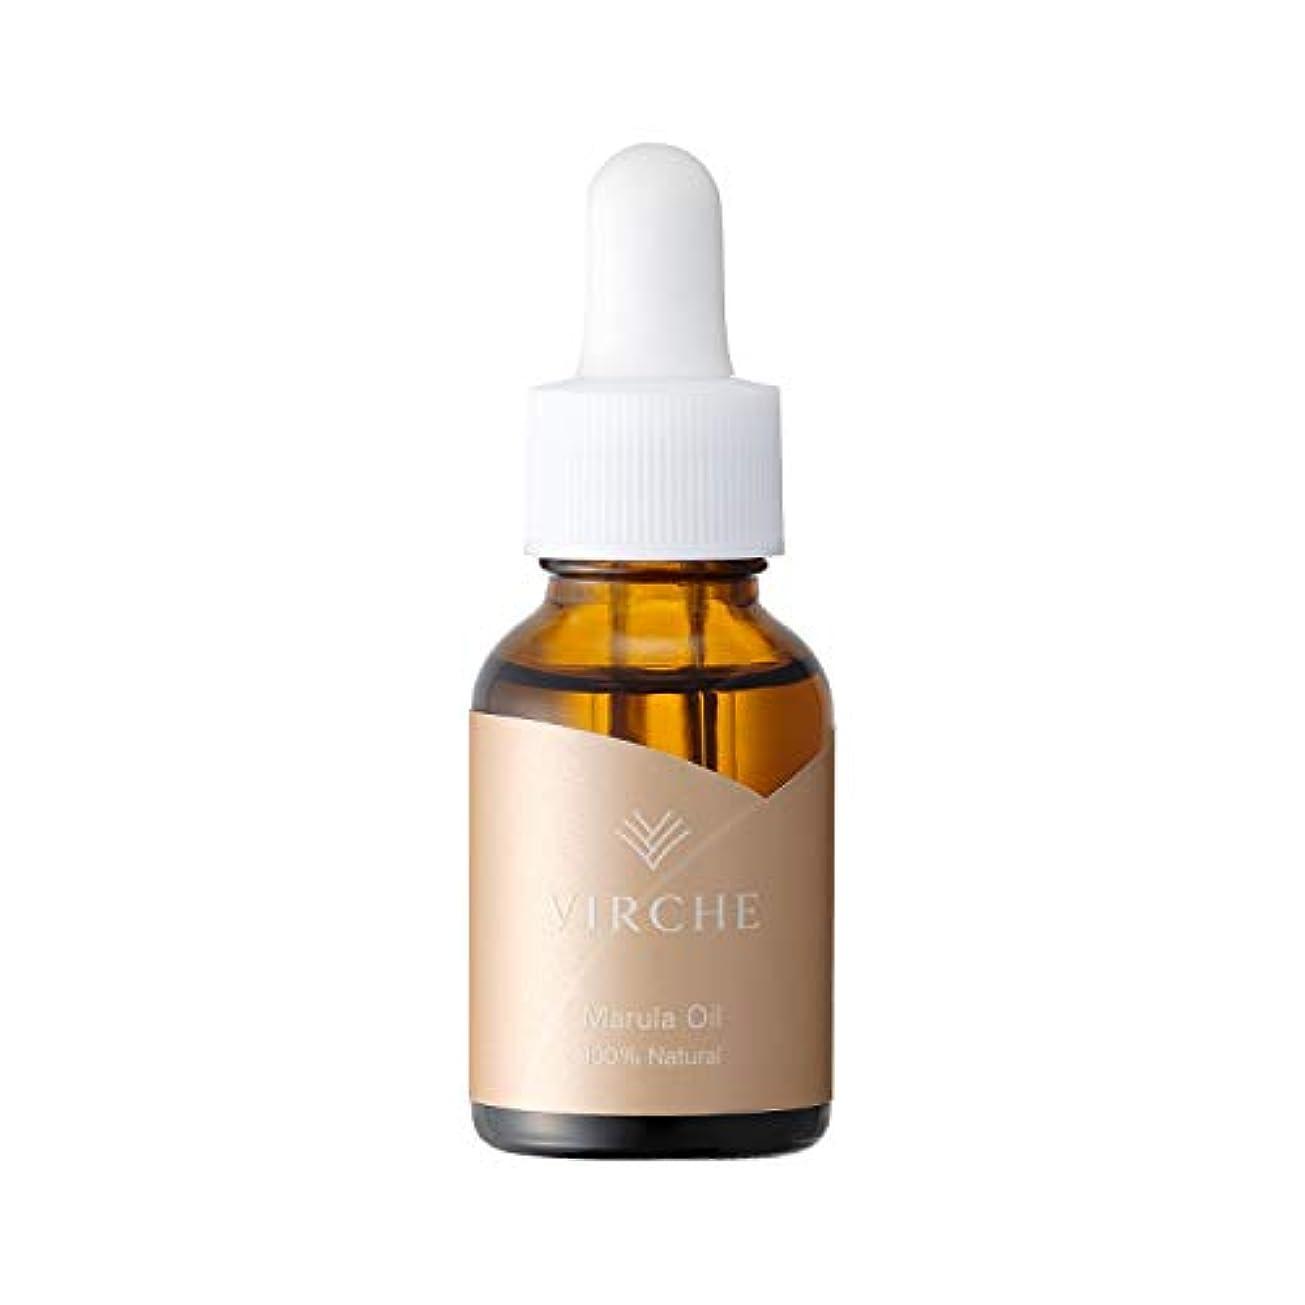 上陸プロトタイプ週間マルラオイル(Marula Oil)国内で品質管理/無香料/防腐剤、香料、着色料すべて無添加の美容オイル/18ml(髪など全身に使えて約30日分)